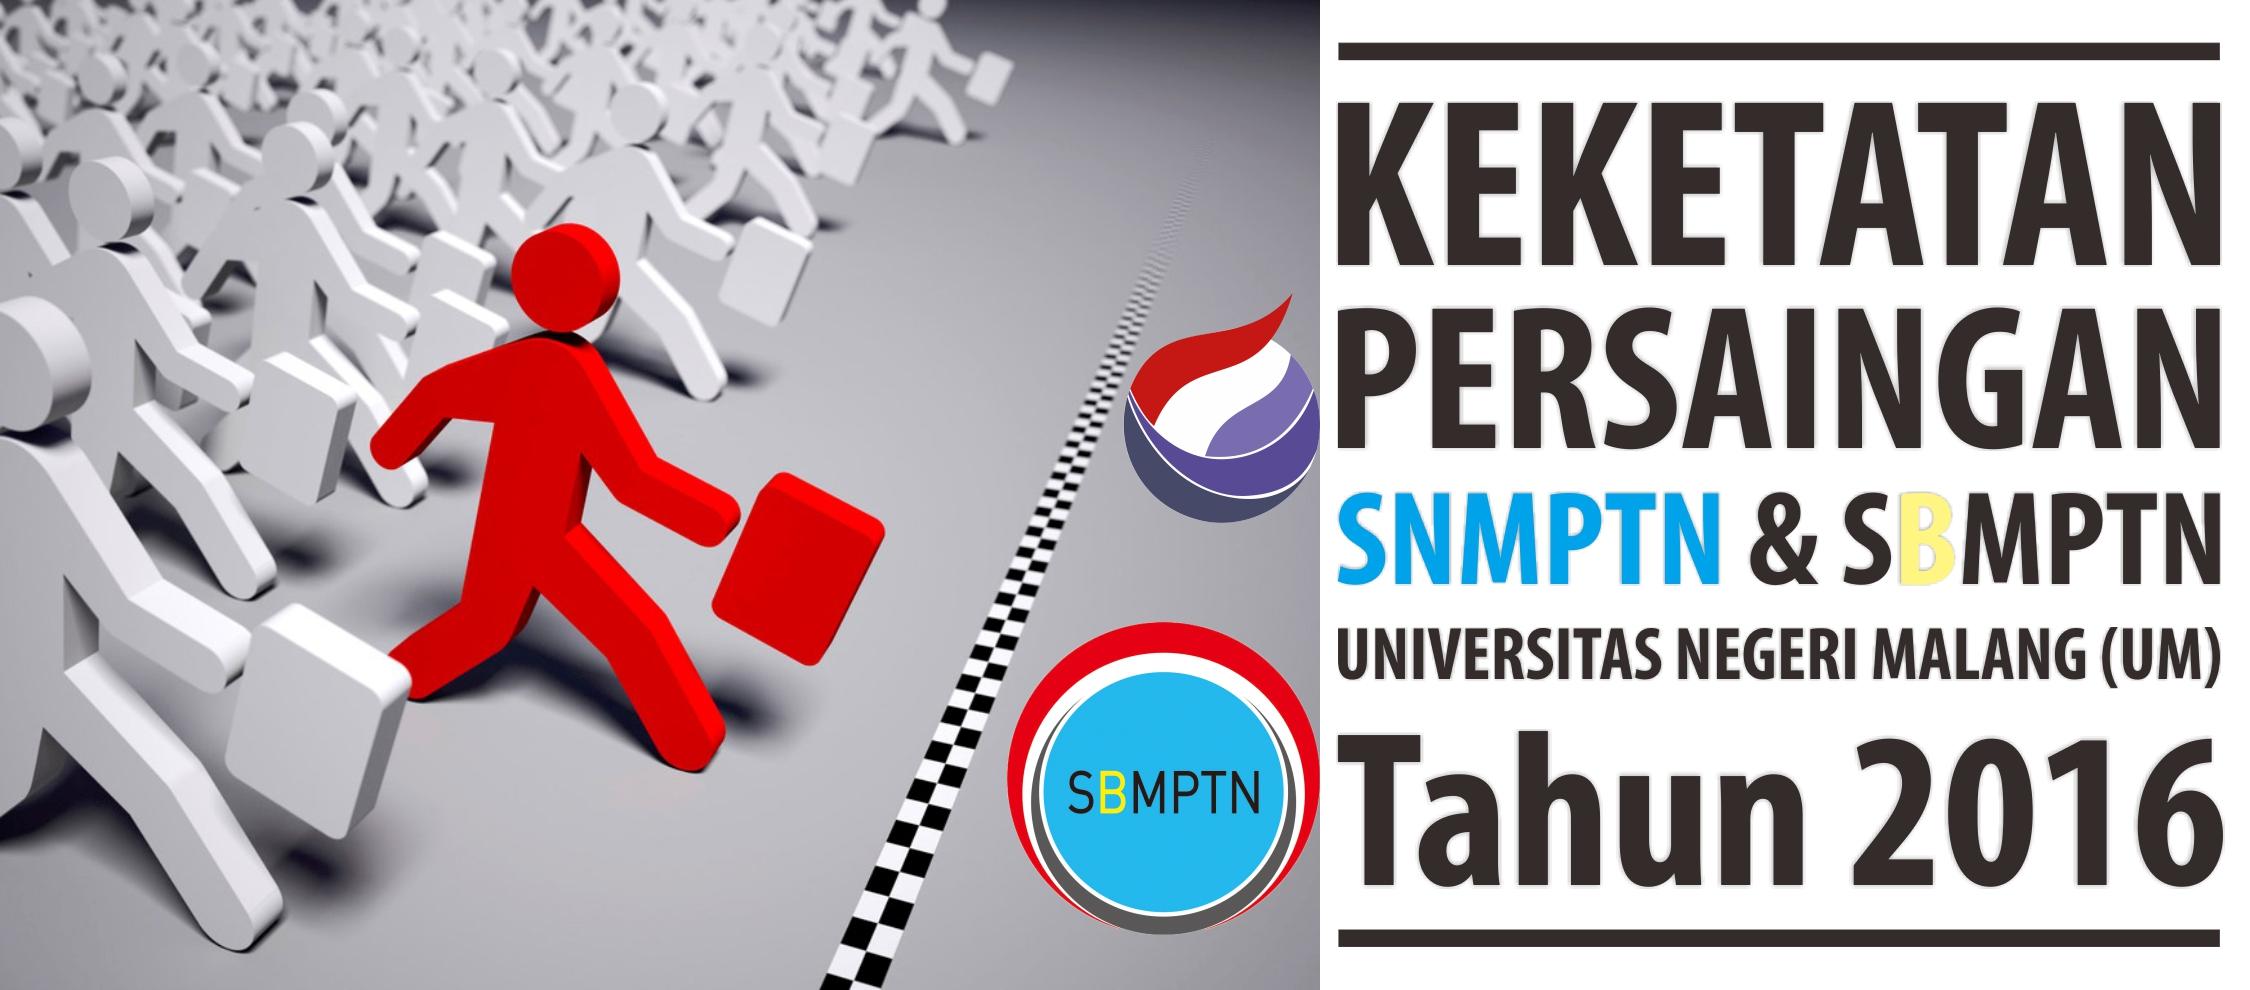 Keketatan Persaingan SNMPTN dan SBMPTN